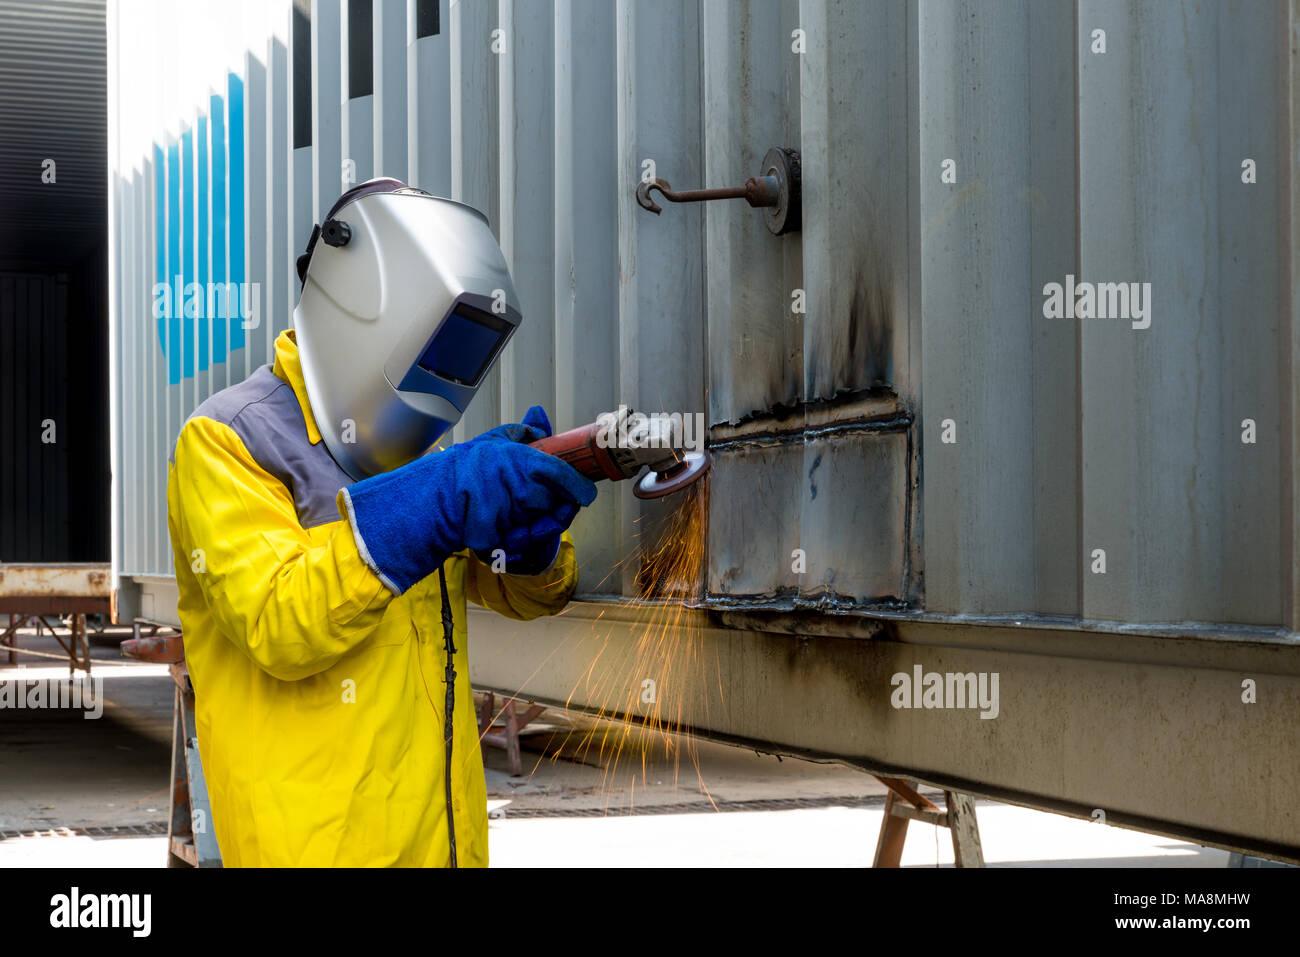 Trabalhador da indústria com recipiente de moagem para reparar estruturas metálicas Fabricação a oficina. Fábrica de moagem do trabalhador na indústria. Imagens de Stock